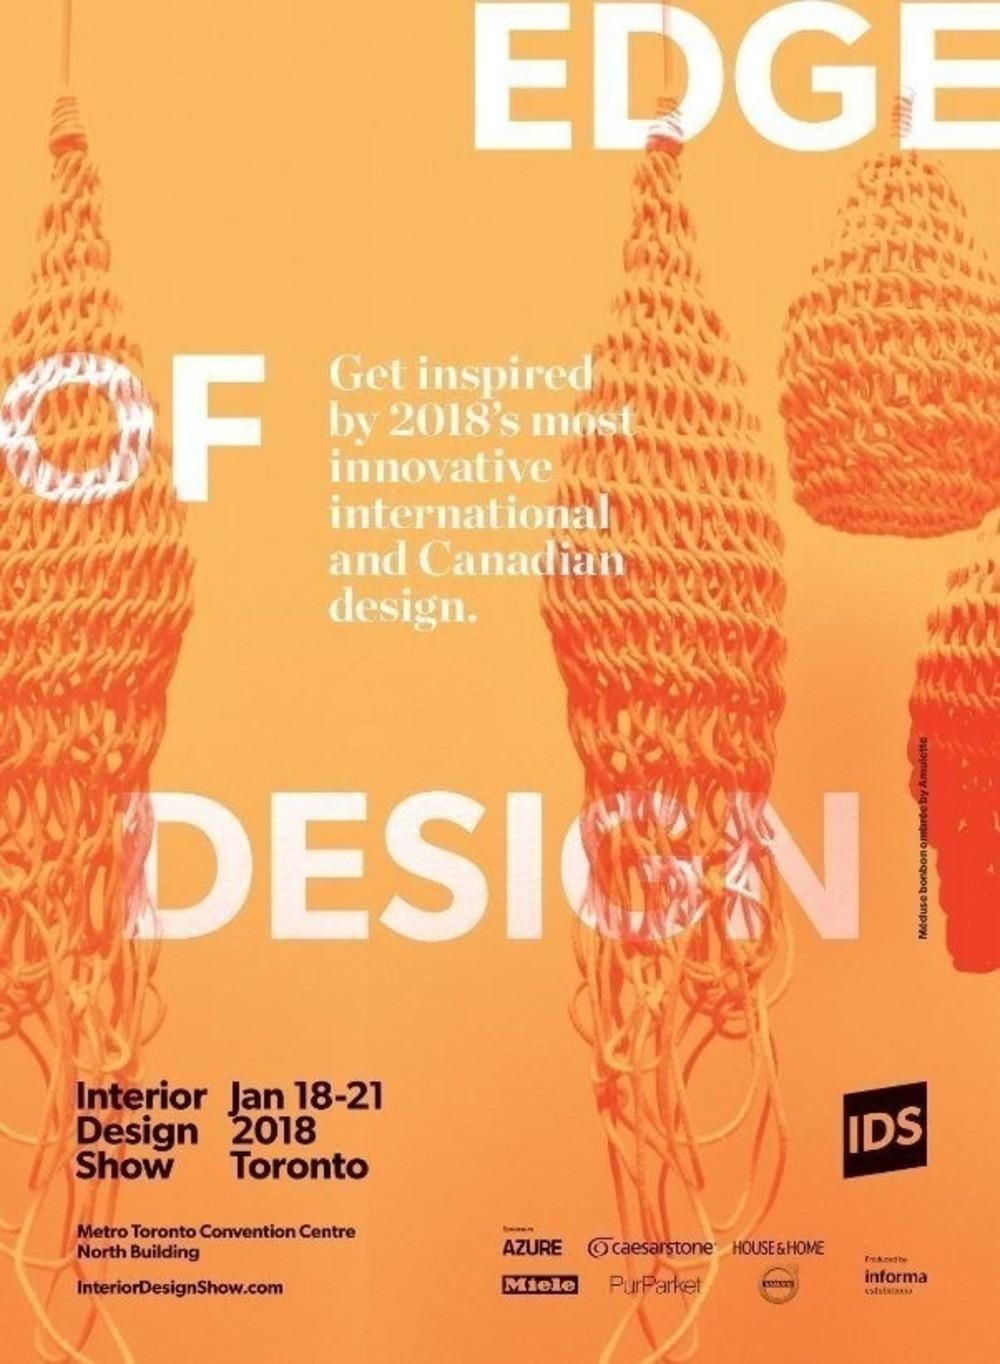 V2com Newswire, Design   Architecture   Lifestyle   Press Kit   2018 Design  Trends Come Alive At IDS18   Interior Design Show (IDS)